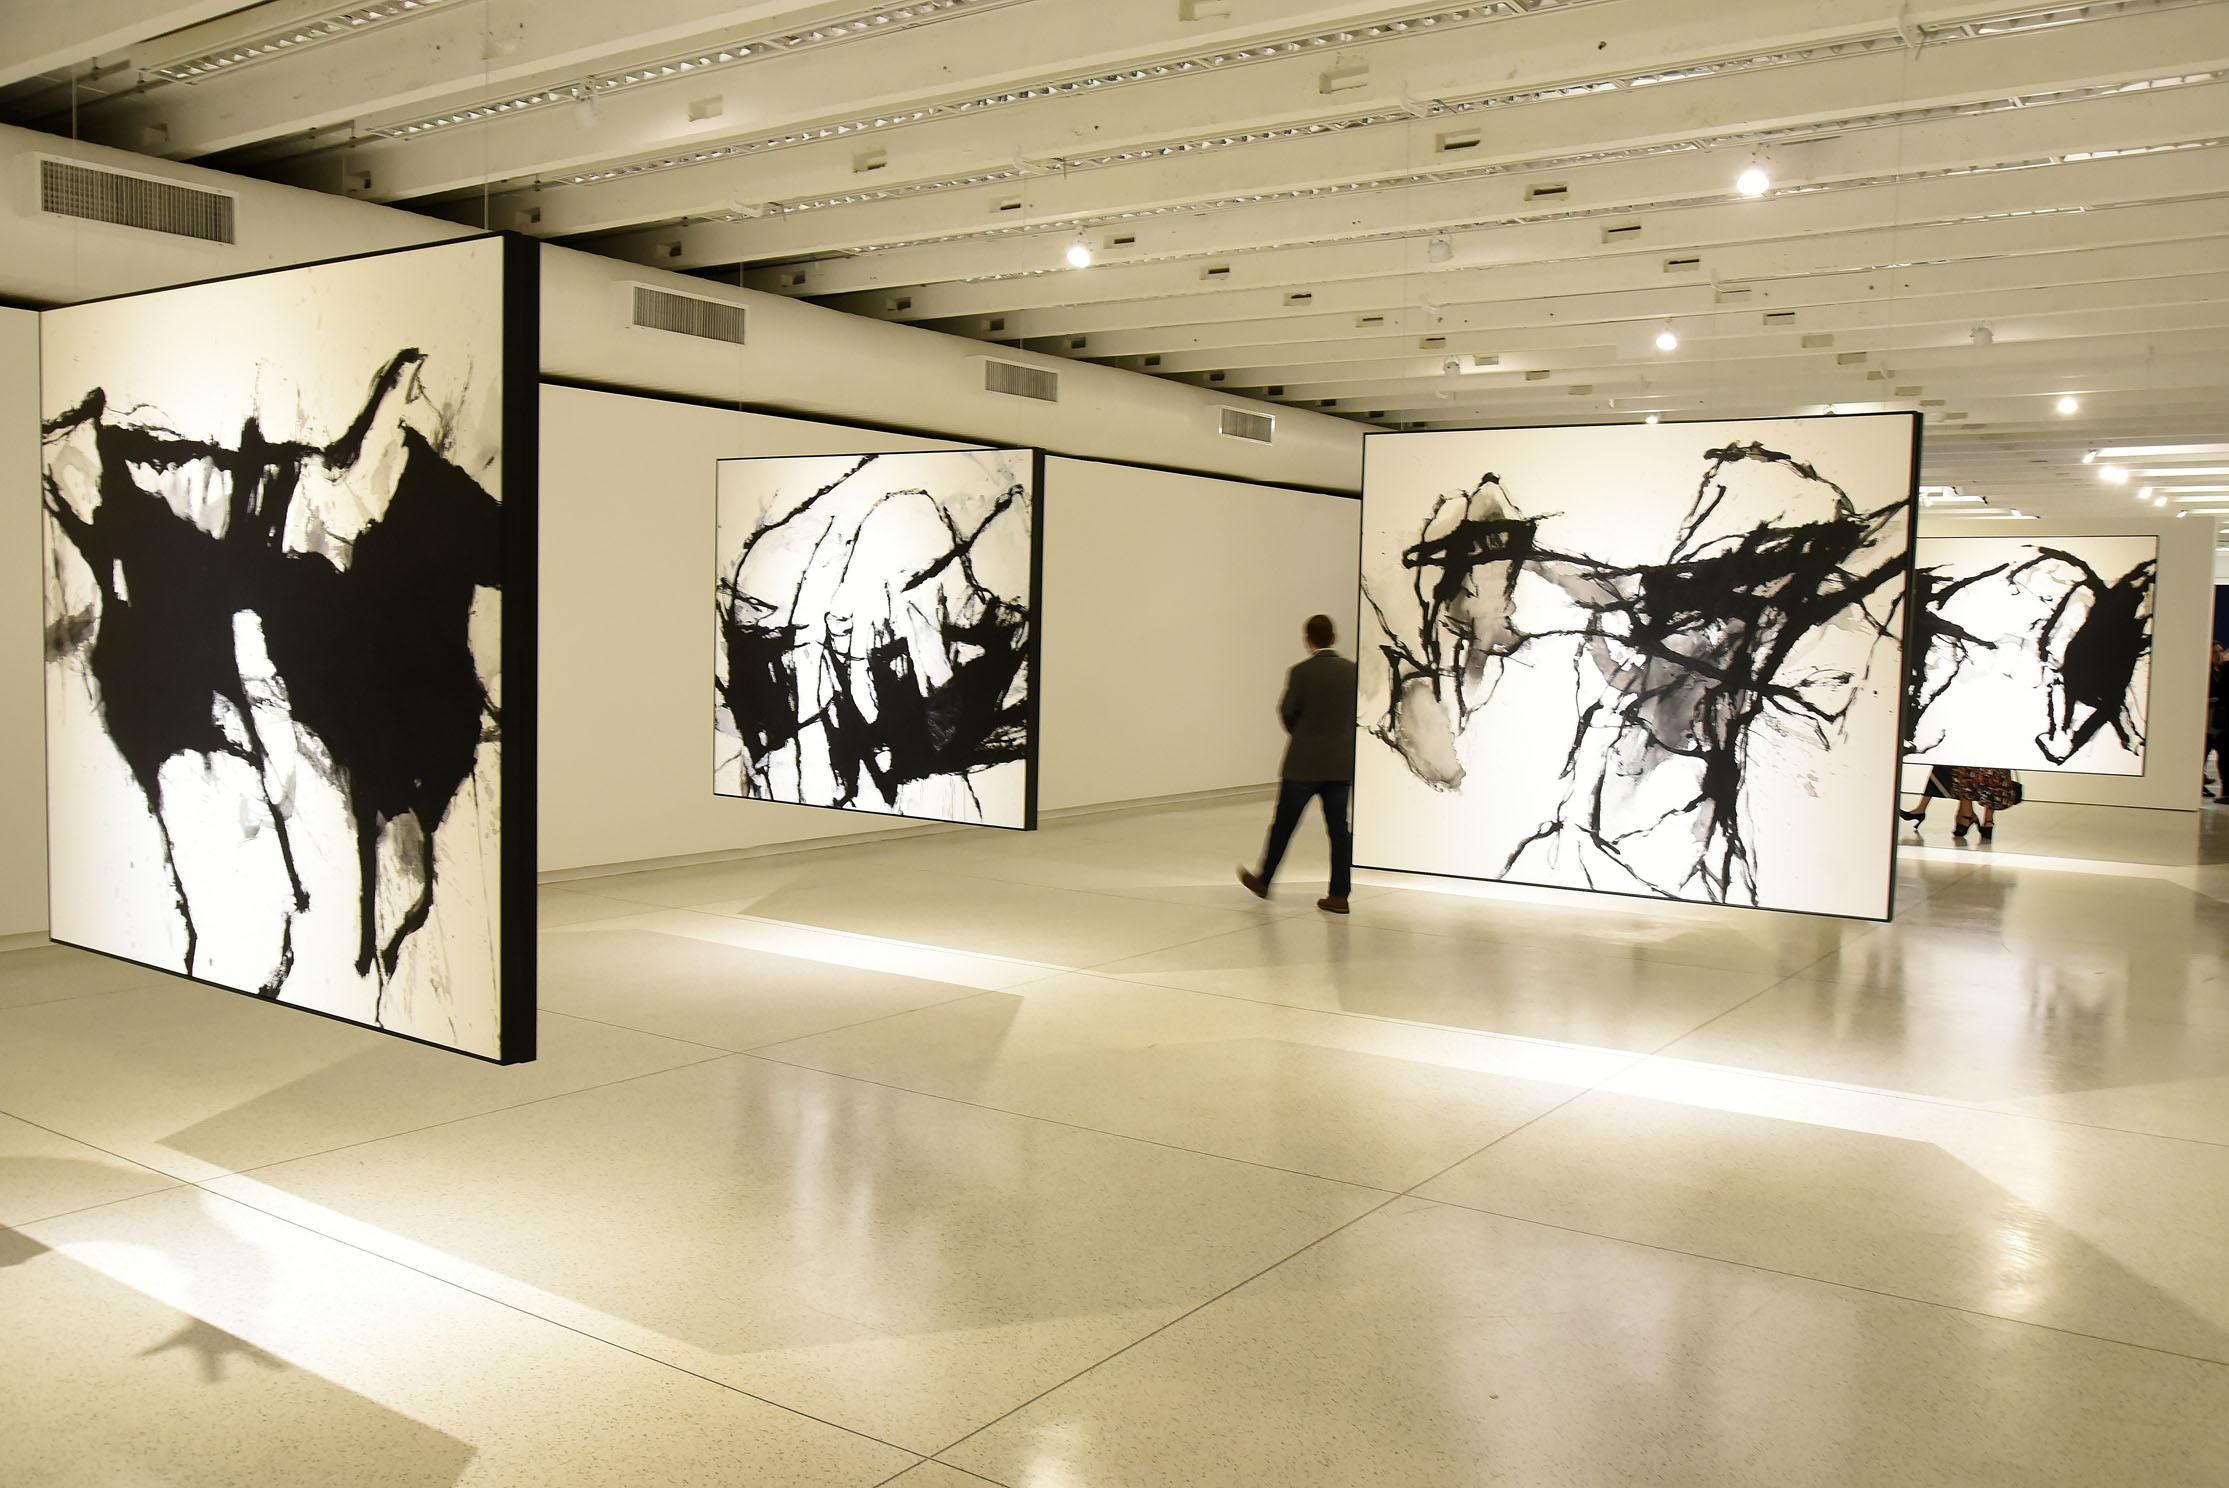 """Aberturas das exposições """"O que é original?"""" do artista Marcelo Conrado e """"Mestre de Obras"""" de Ivens Machado no Museu Oscar Niemeyer (MON). Curitiba, 11 de abril de 2019. Foto: Kraw Penas/SEEC"""